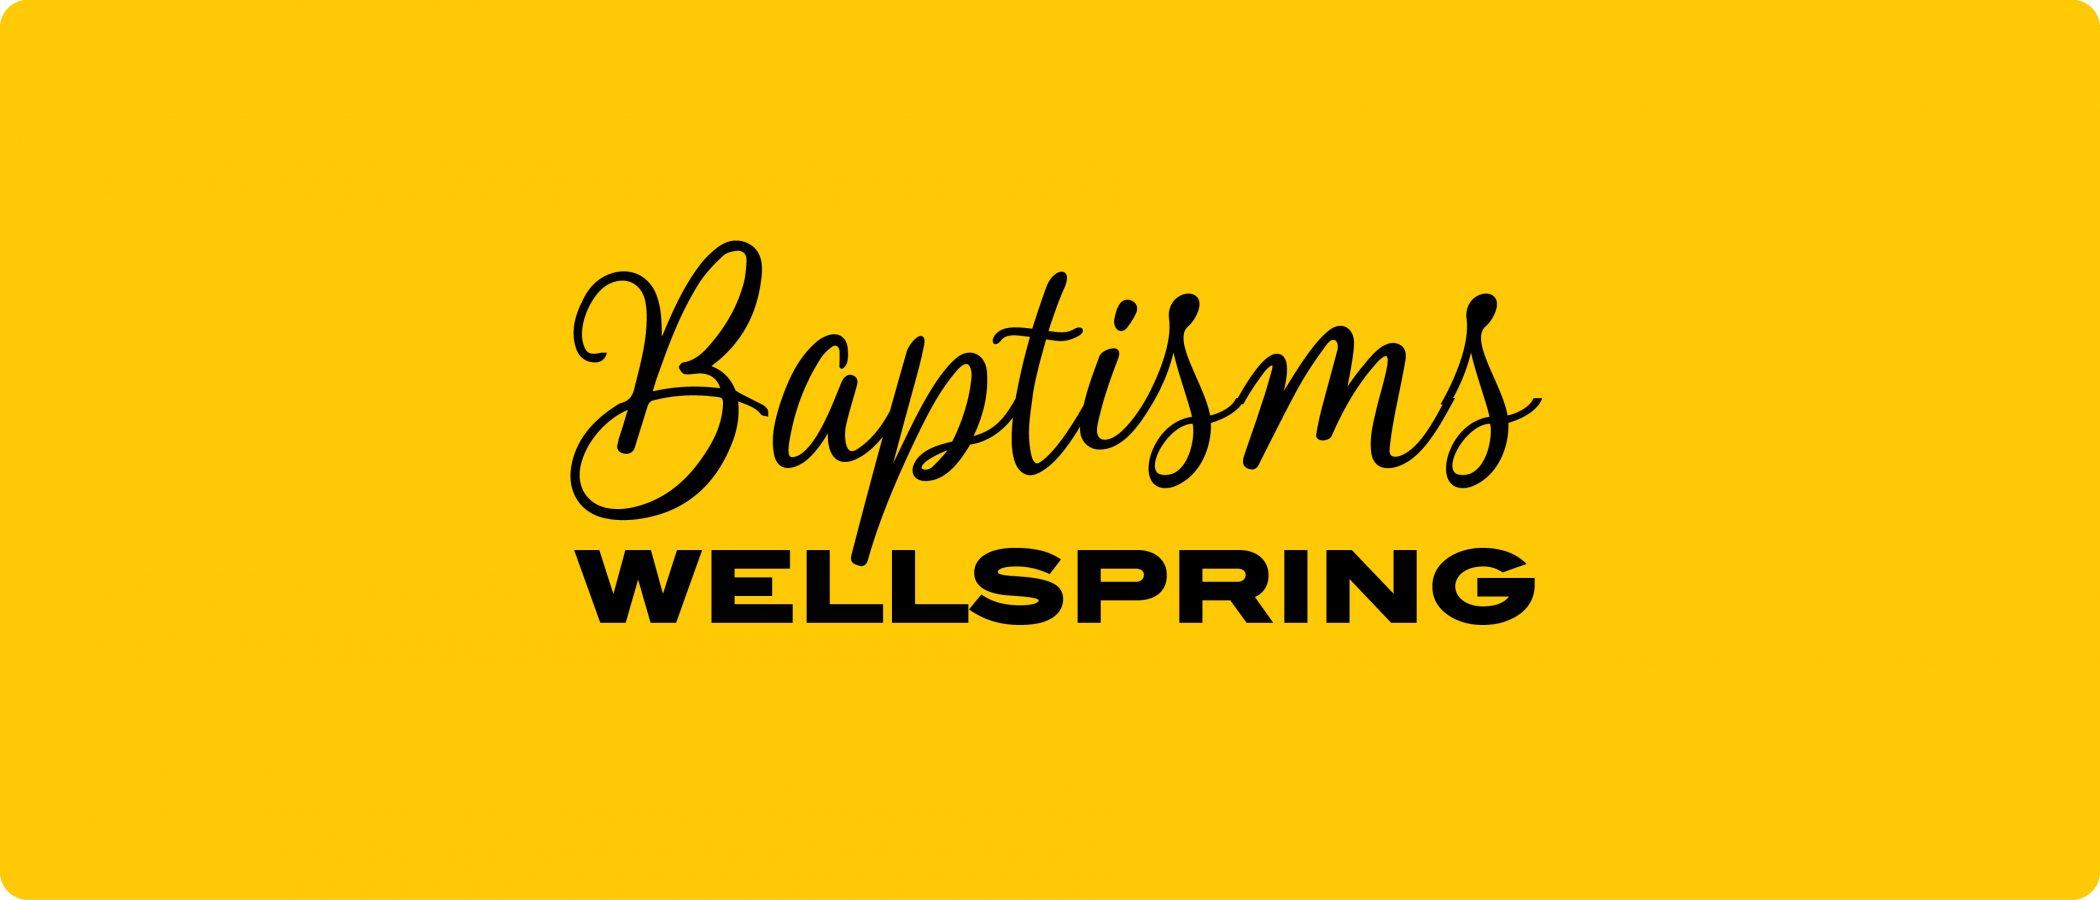 wellspring-baptisms-11brd-dq2021-web-banner2x-100